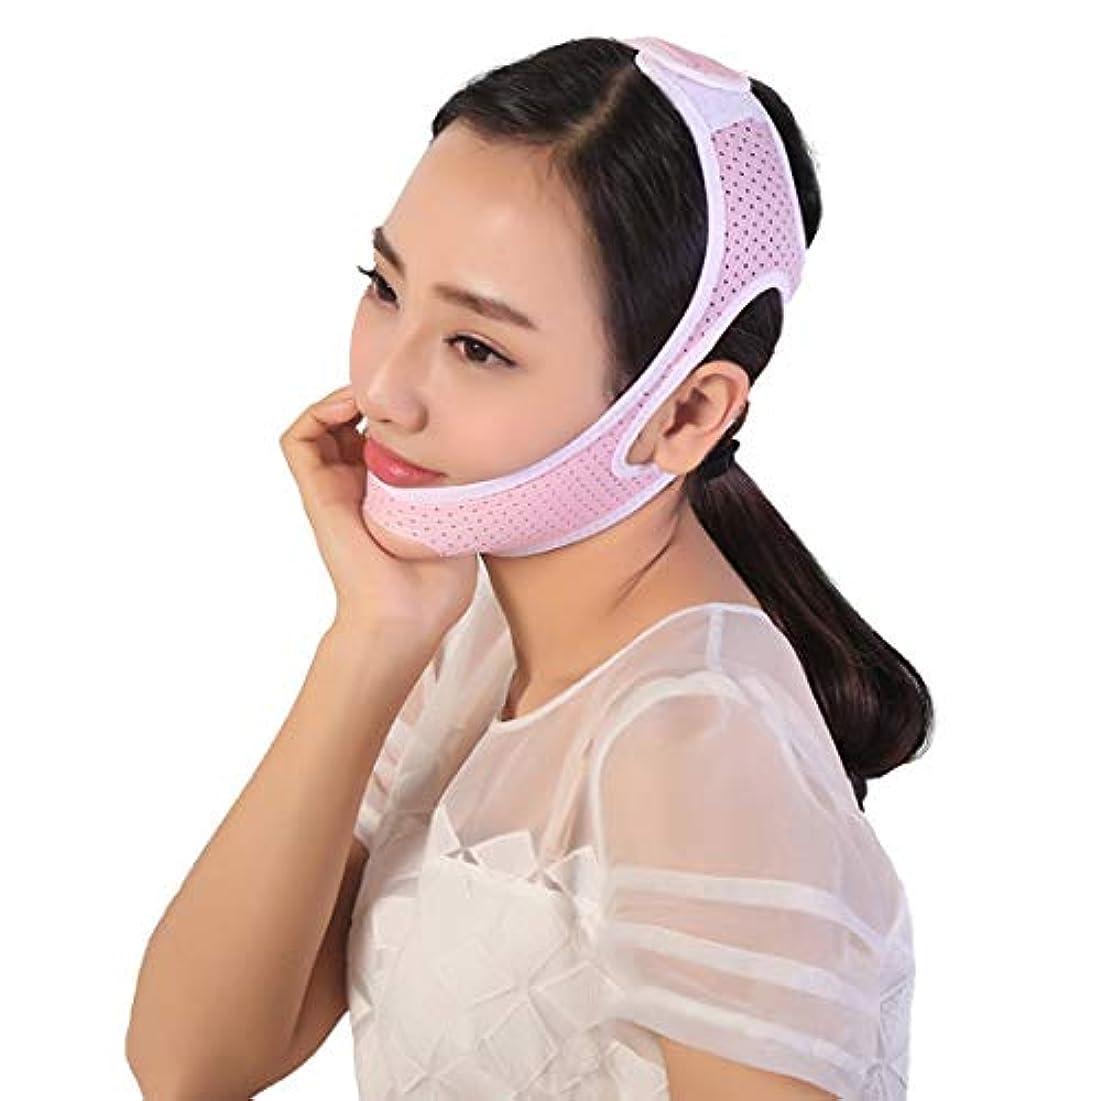 更新する風刺ラベZWBD フェイスマスク, フェイスリフティング包帯フェイシャルリフティング引き締めダブルチン判V通気性